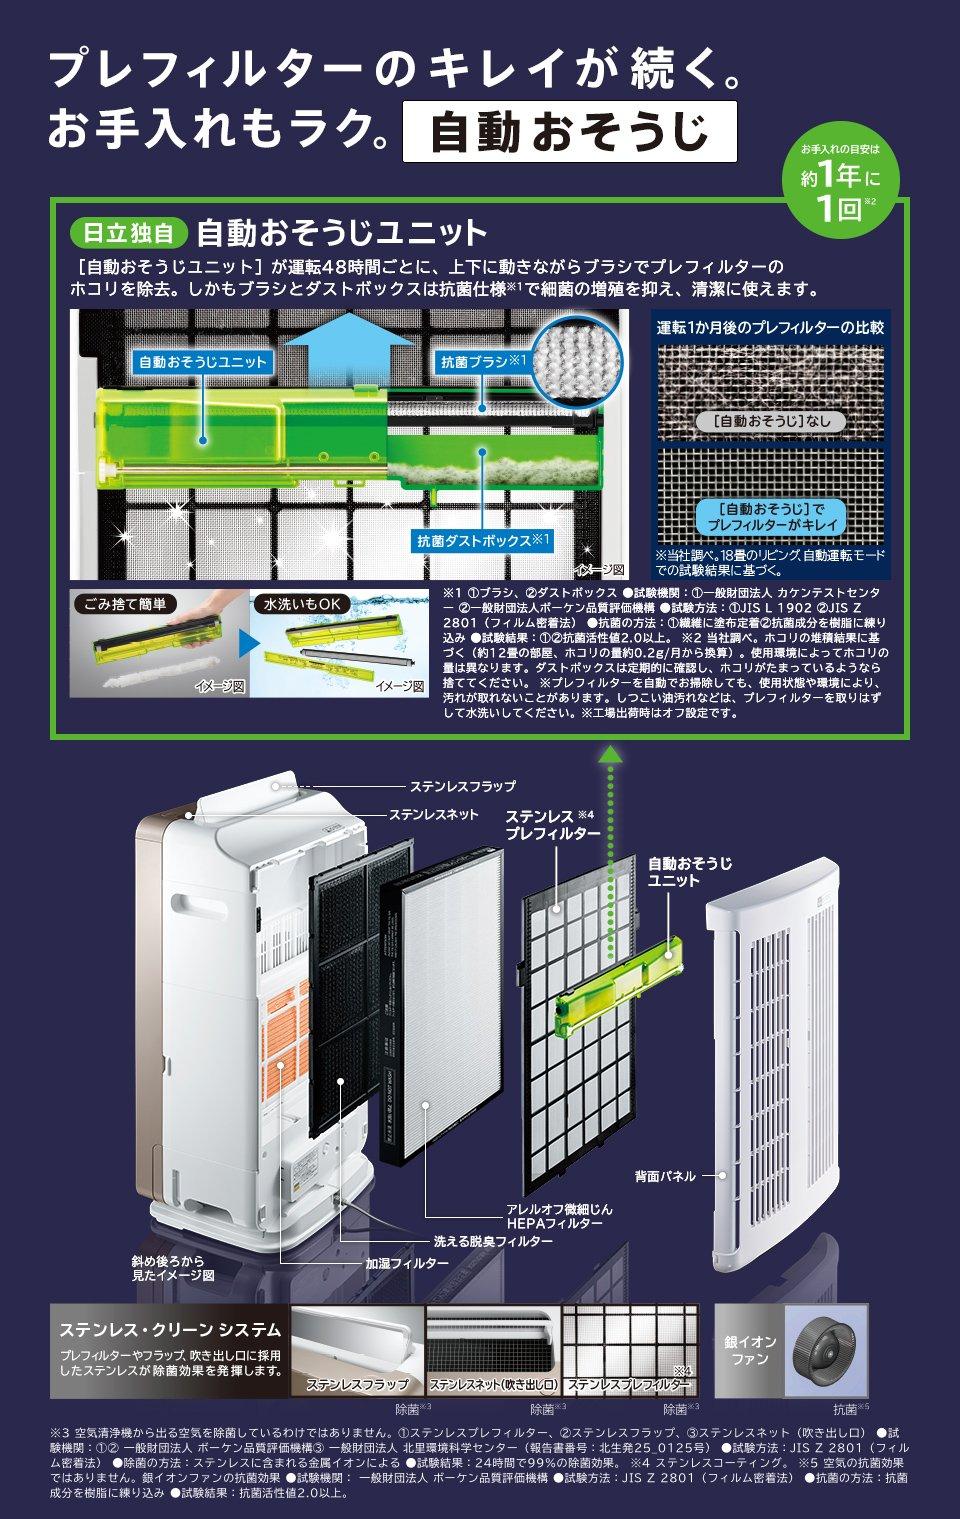 Máy lọc không khí Hitachi EP-NVG70 với khả năng cảm biến bụi 2.5PM